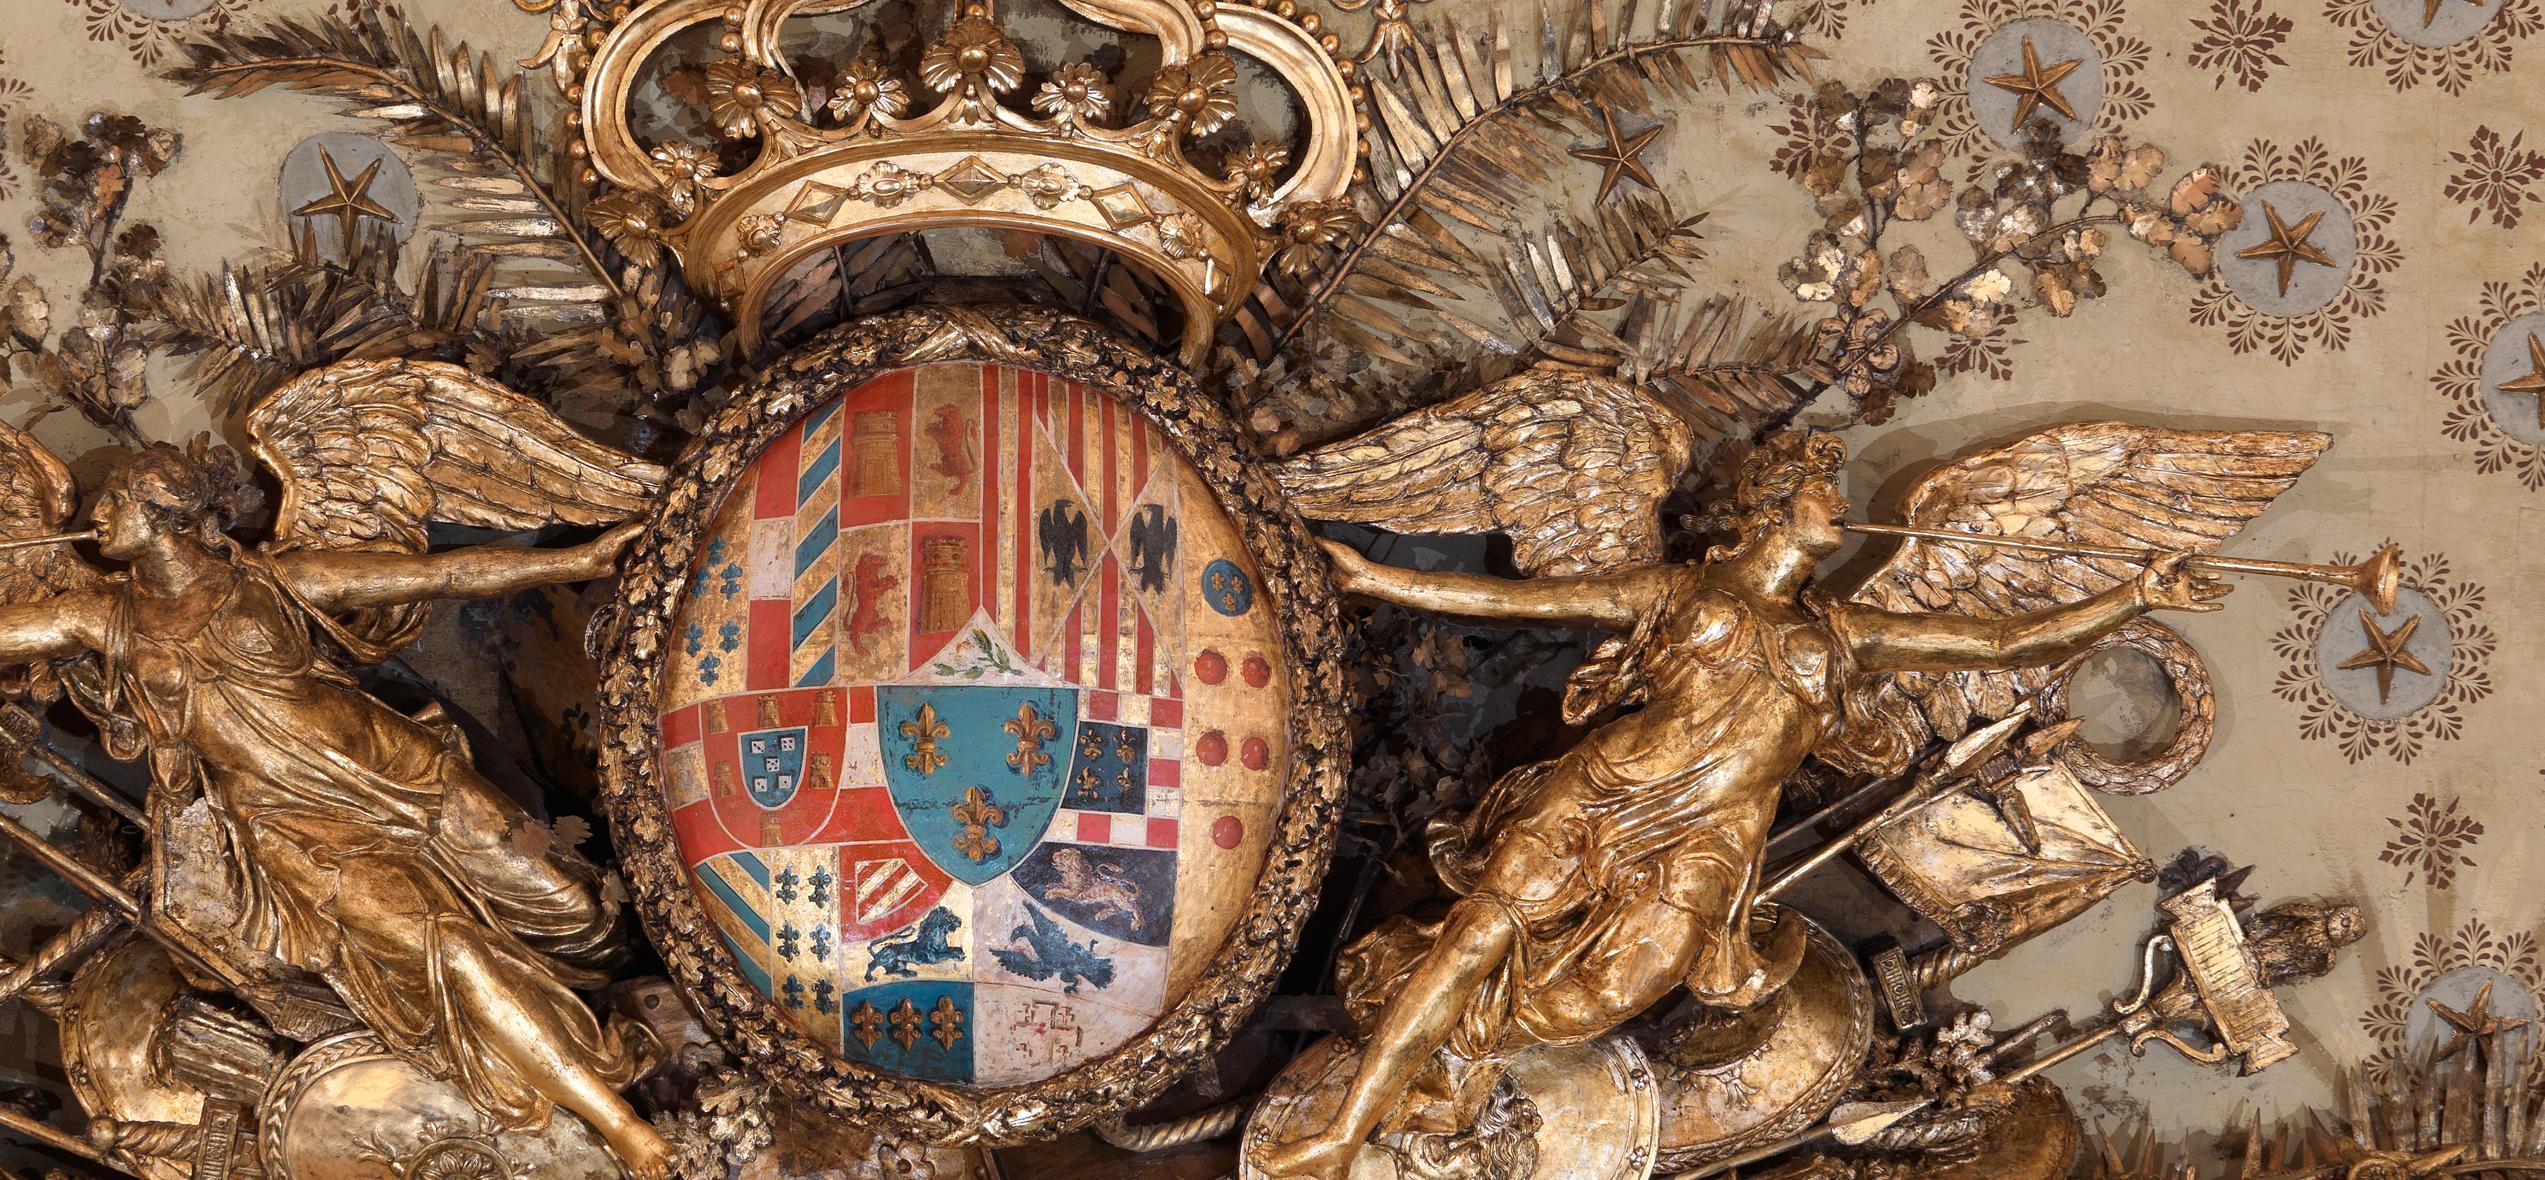 La storia. Il massacro di Napoli, la verità sul genocidio